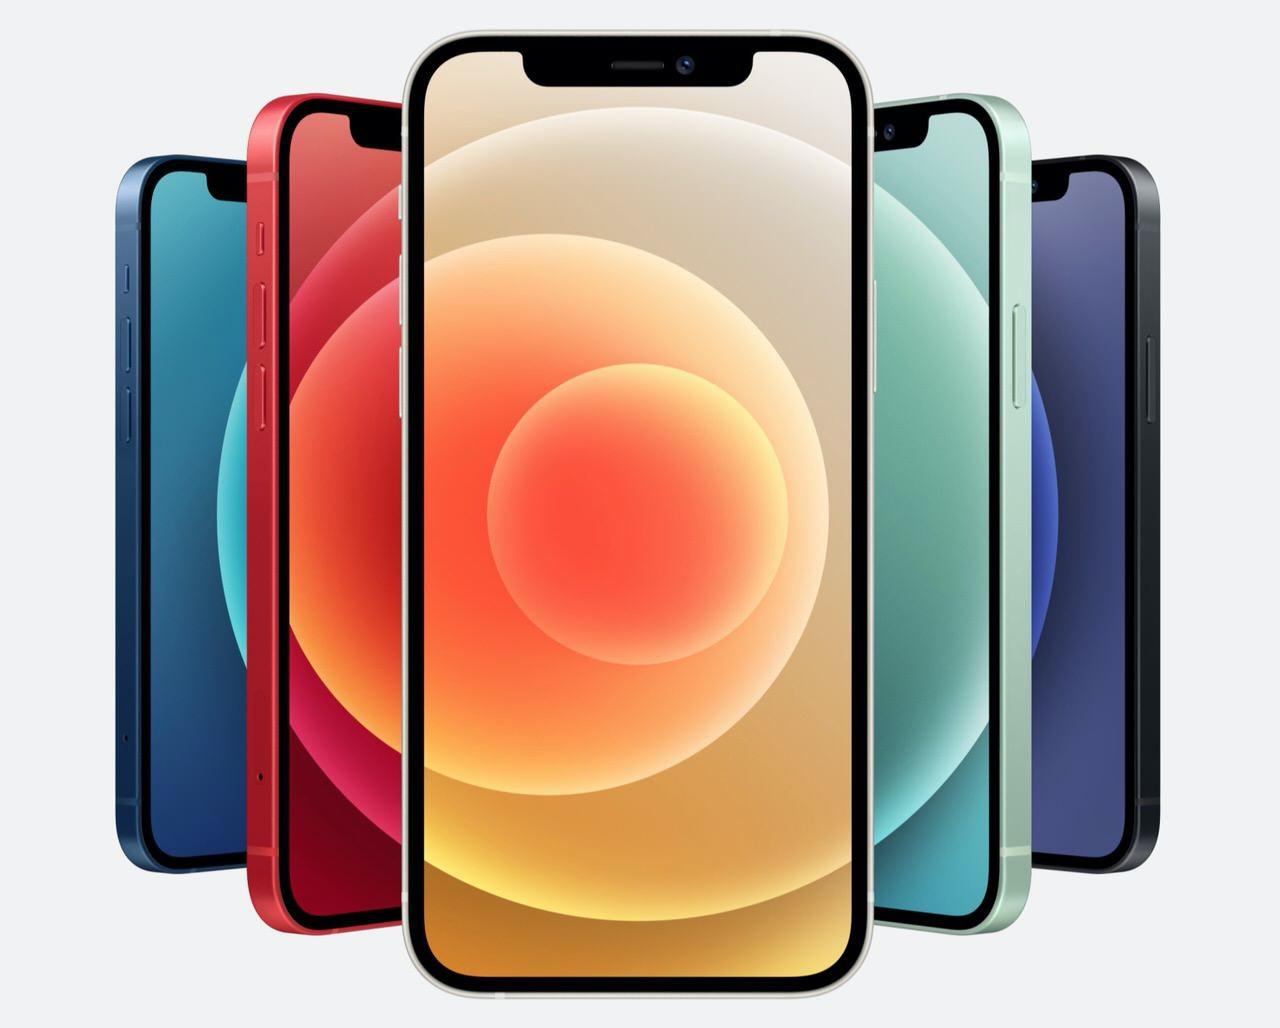 【iPhone 12】5G通信時は4Gよりもバッテリー消費が20%も速い